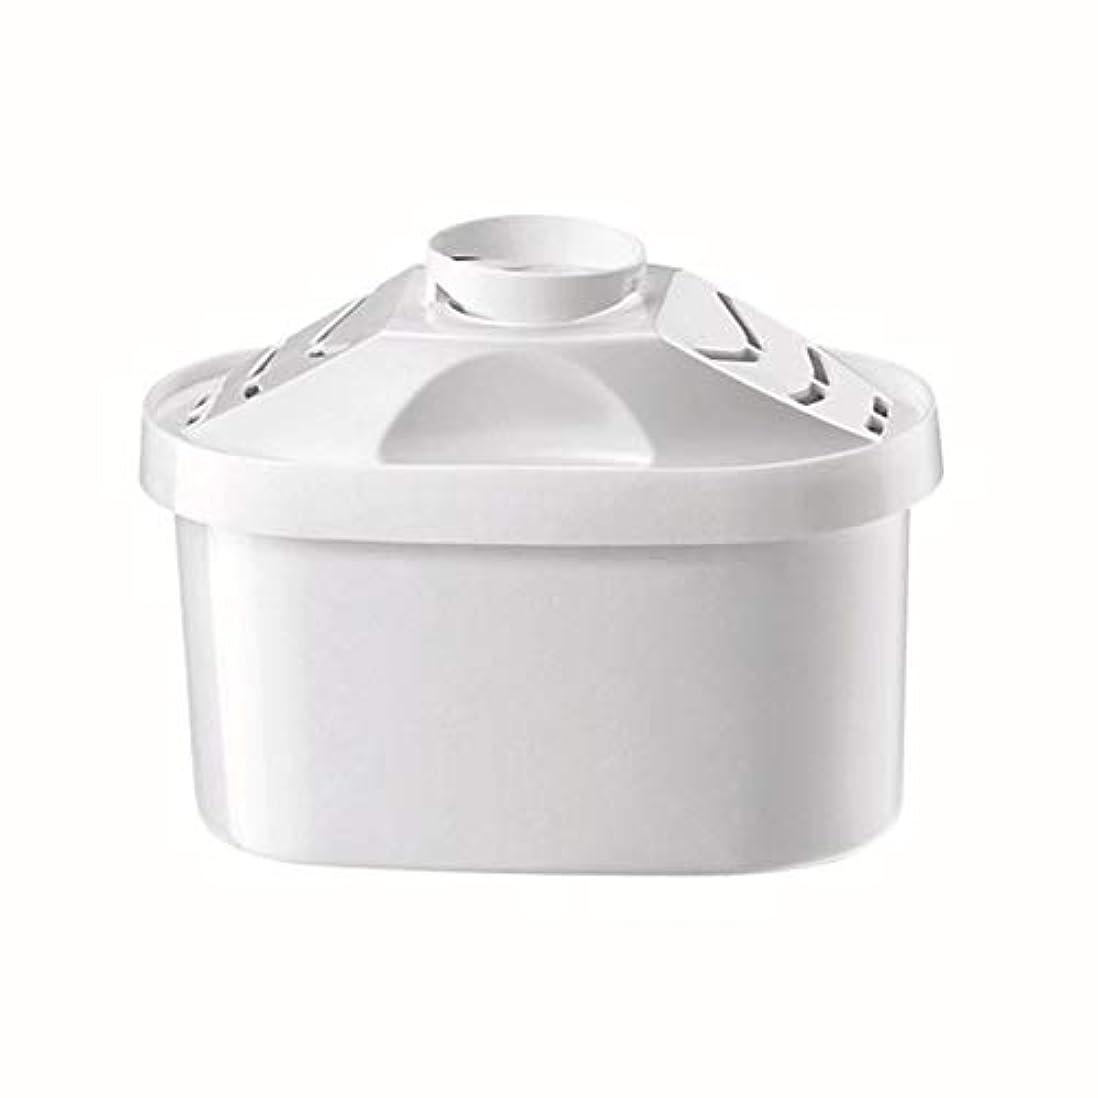 士気トンスケートSaikogoods ブリタの水のピッチャーのためのケトルフィルター 活性炭 水フィルターカートリッジ 健康的なクリーンデバイスを 精製 白